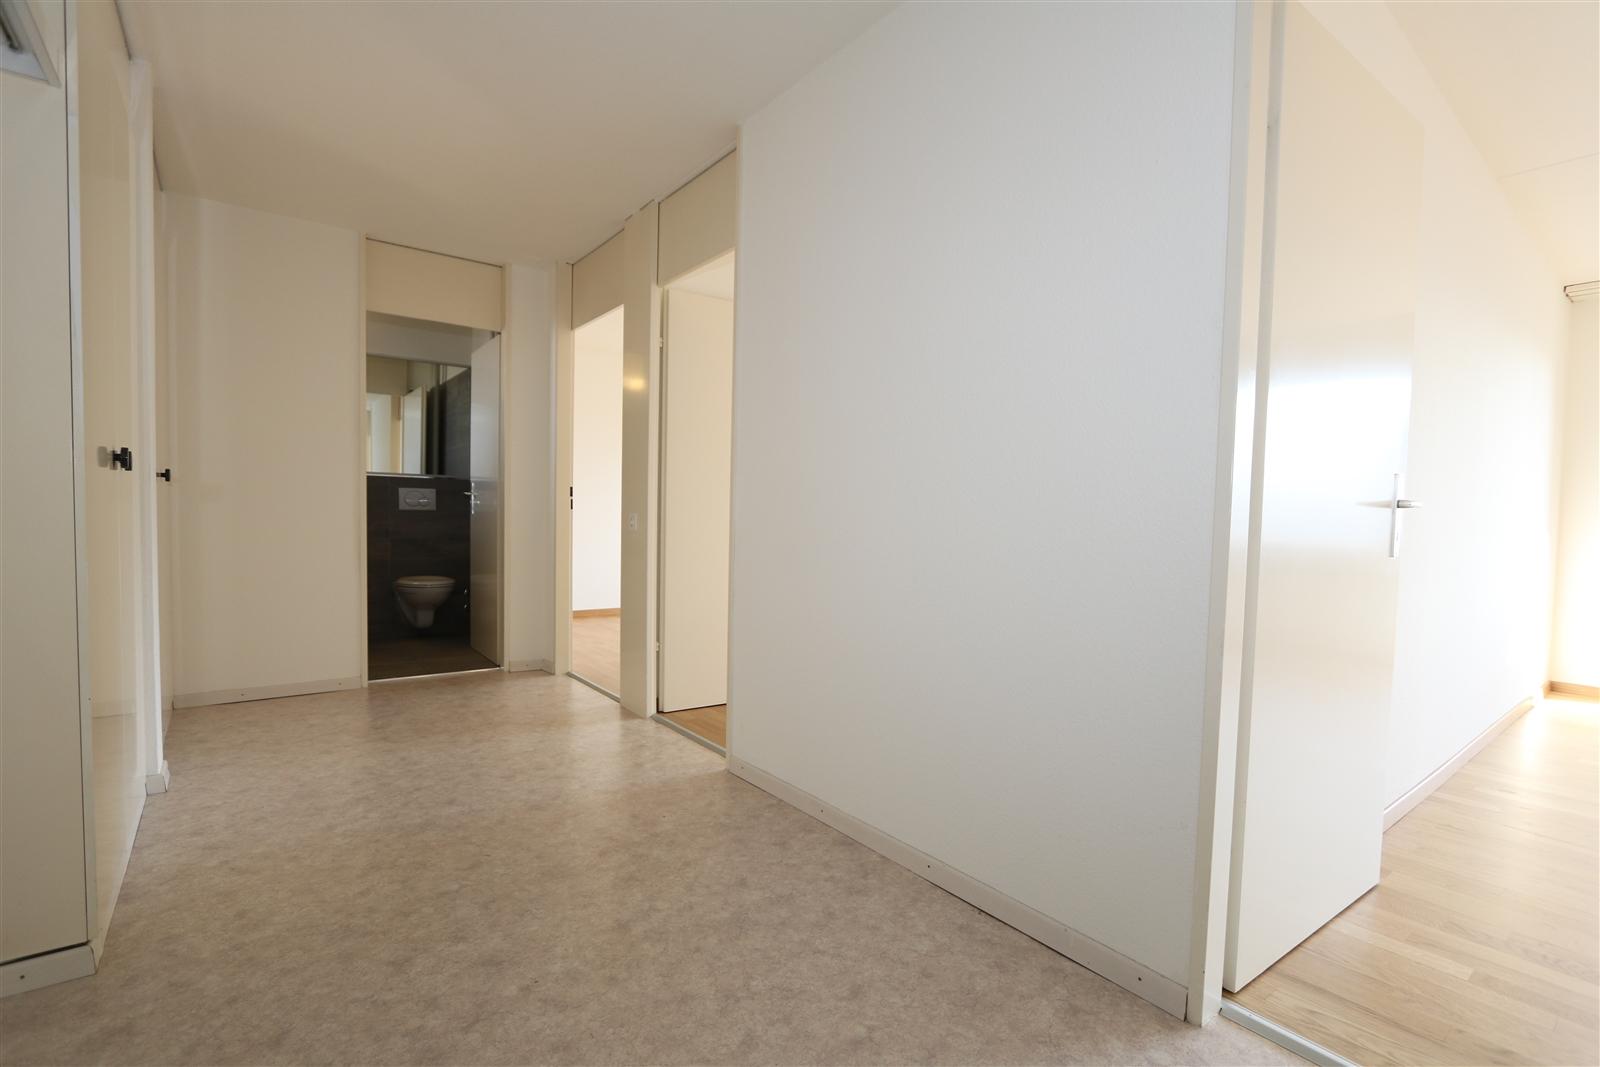 01 Interior Weiermatt - 007